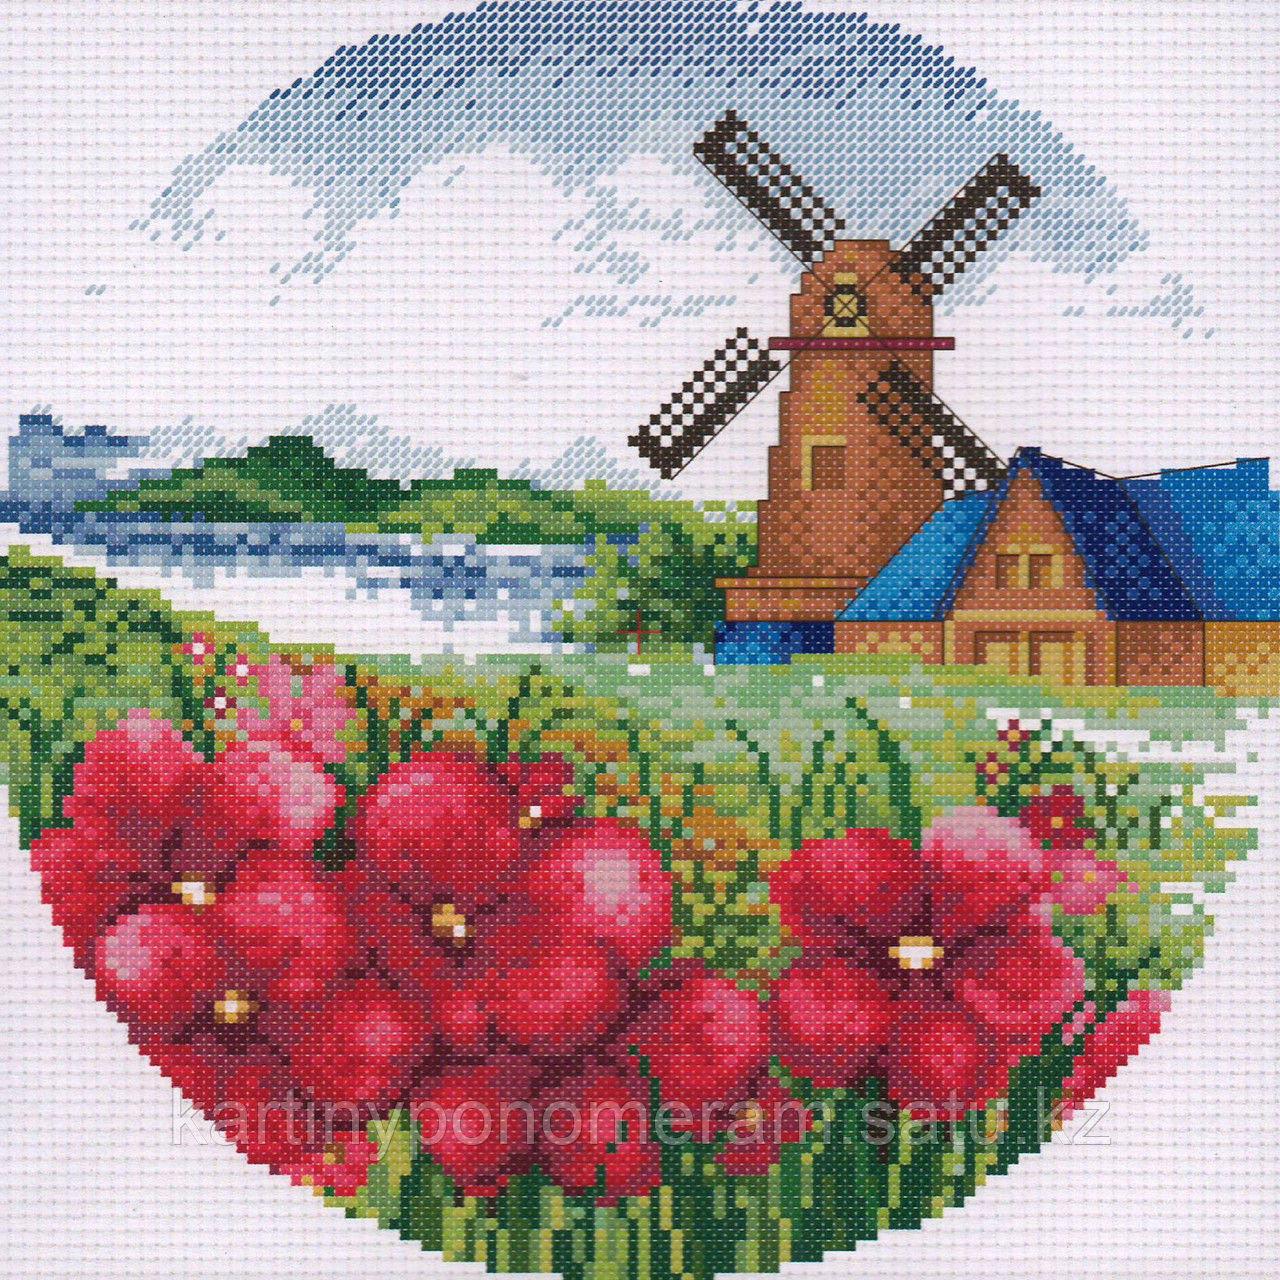 Вышивка крестом  DOME-2 100126, 32x32 см